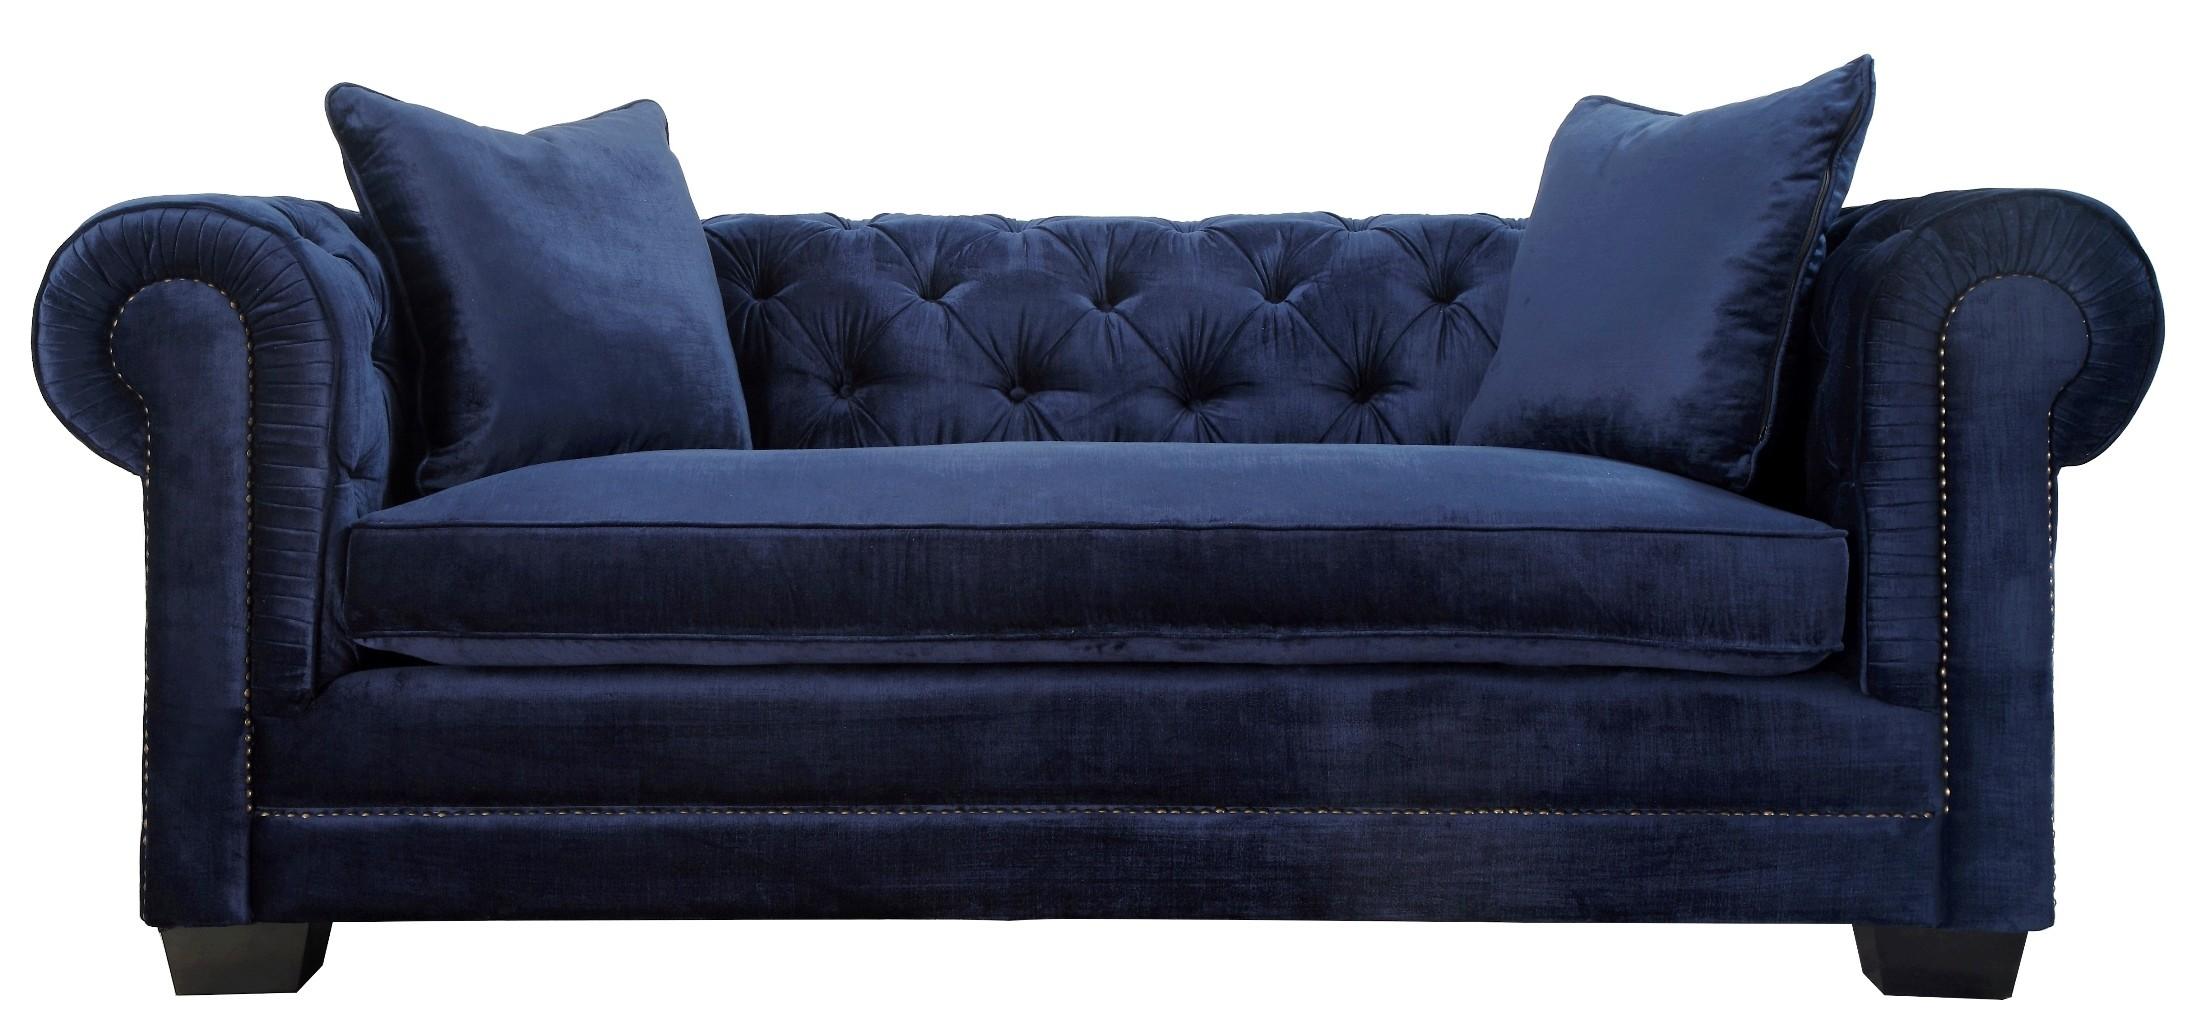 Norwalk Navy Velvet Sofa From Tov Tov S25 Coleman